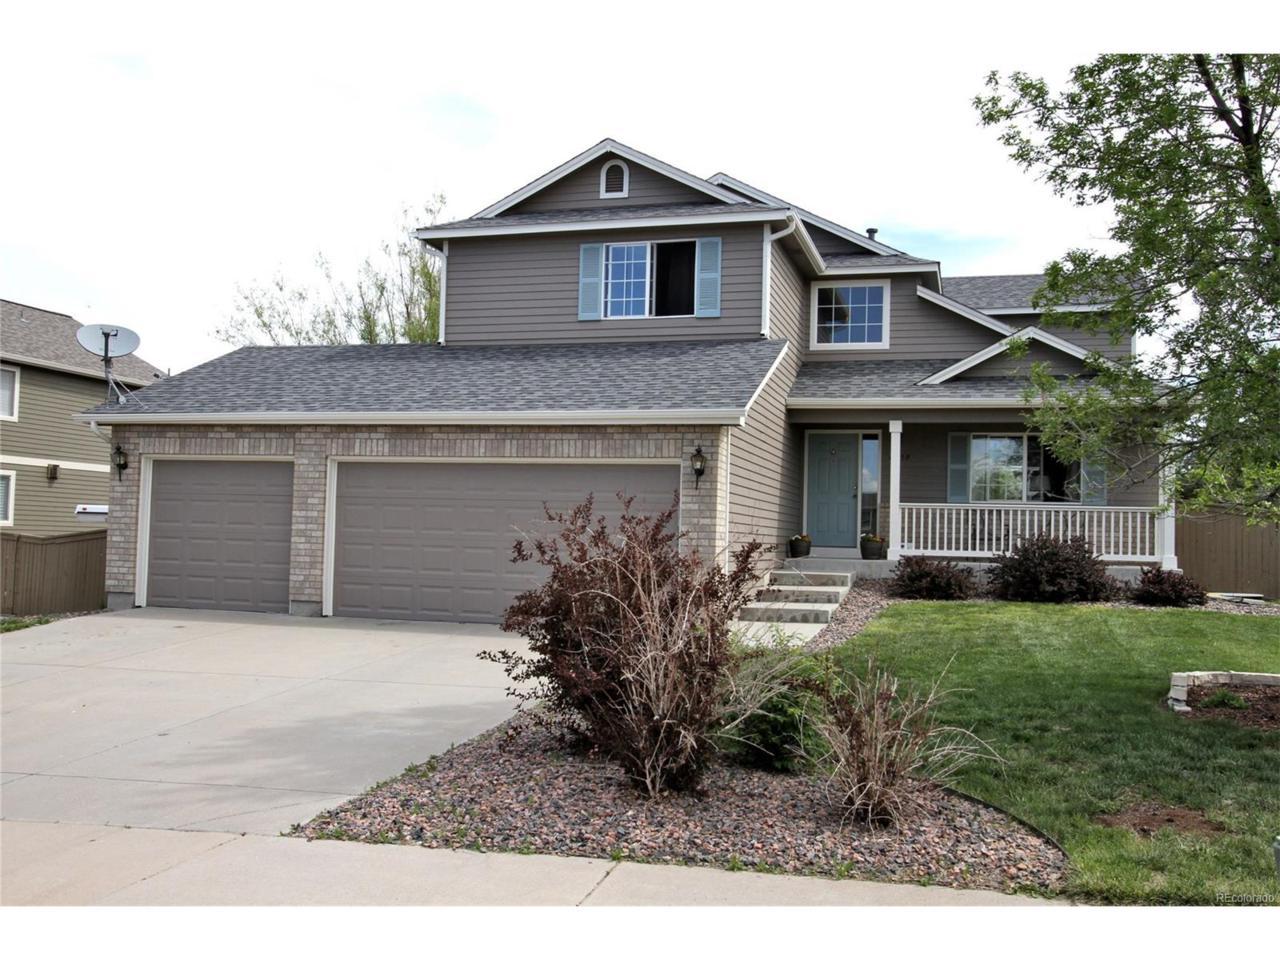 6059 Kingsfield Street, Castle Rock, CO 80104 (MLS #2590636) :: 8z Real Estate